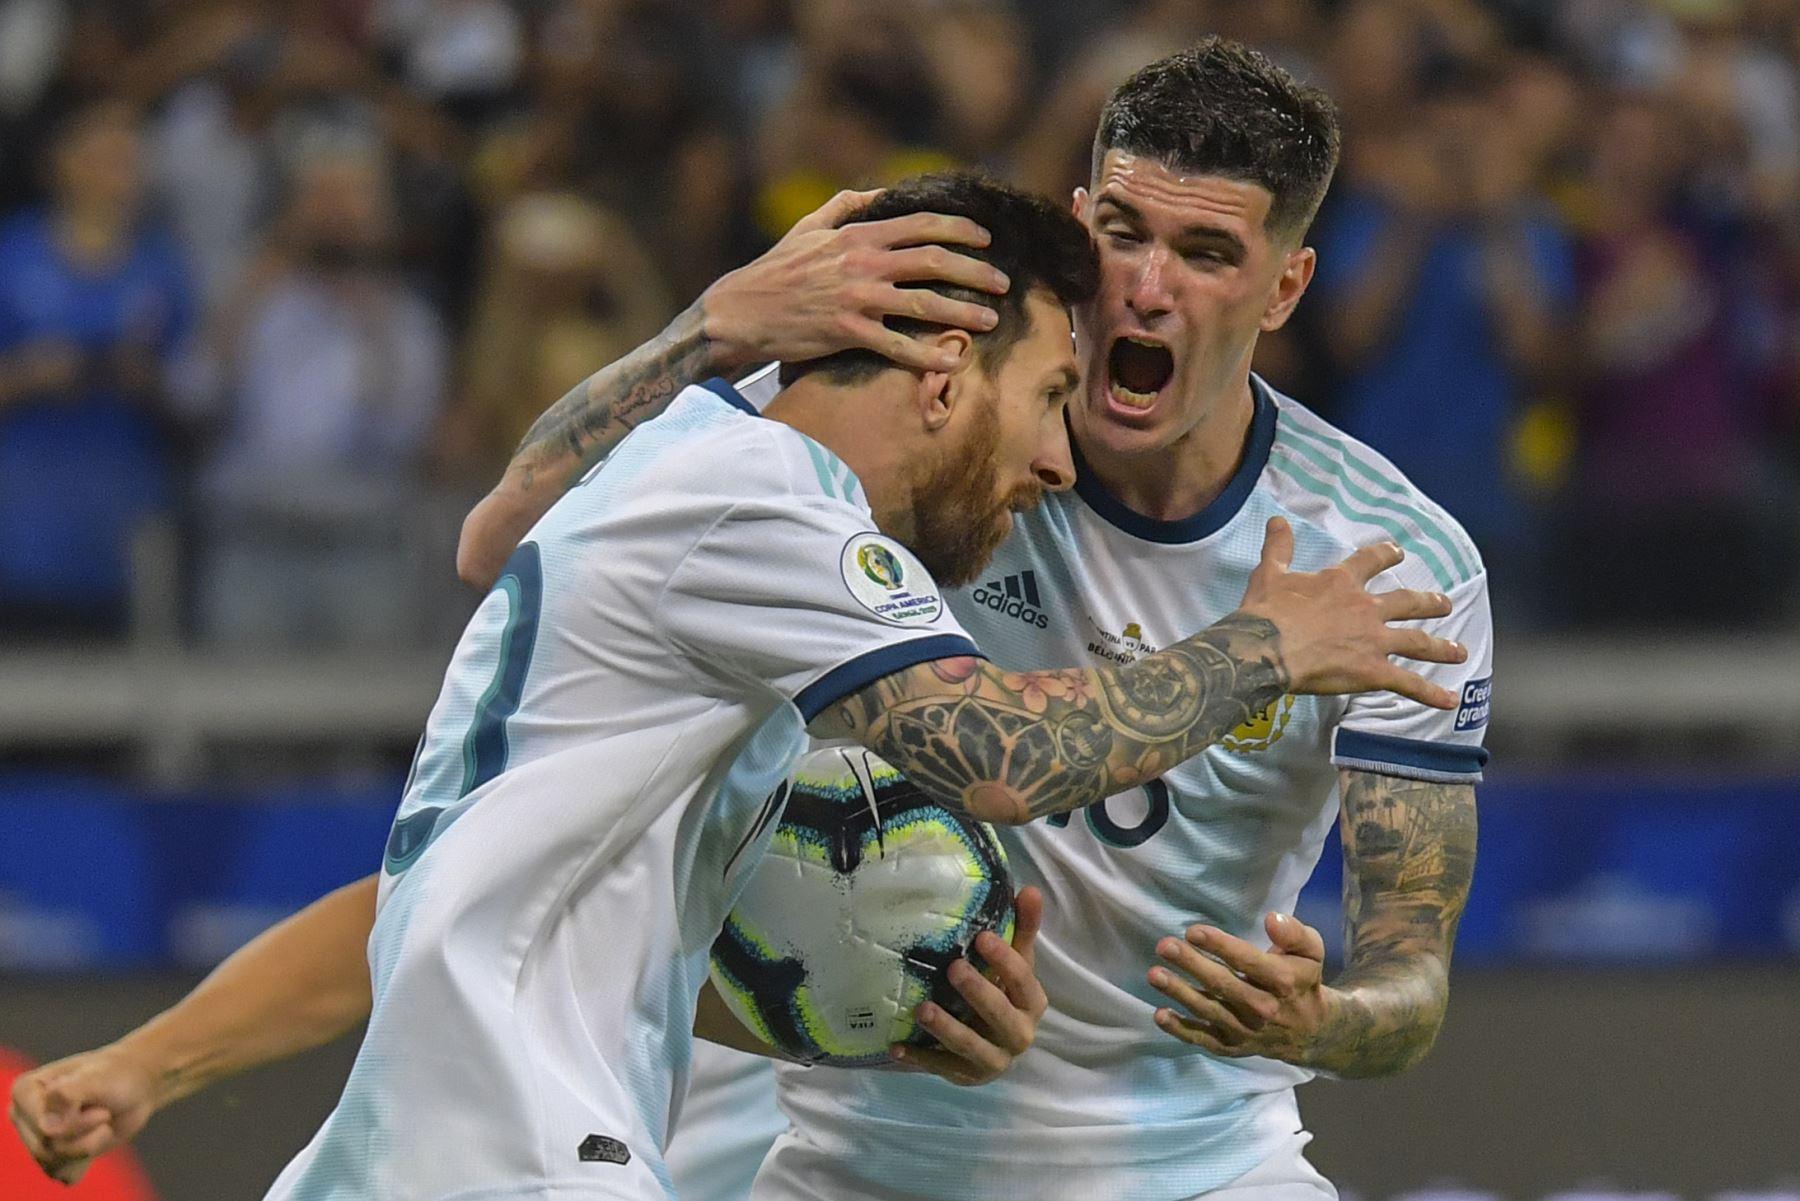 El argentino Lionel Messi (L) celebra con su compañero de equipo Rodrigo De Paul luego de anotar un penal contra Paraguay que fue otorgado por el VAR después de una mano en el área durante su partido de torneo de fútbol de la Copa América en el estadio Mineirao en Belo Horizonte, Brasil. Foto :AFP